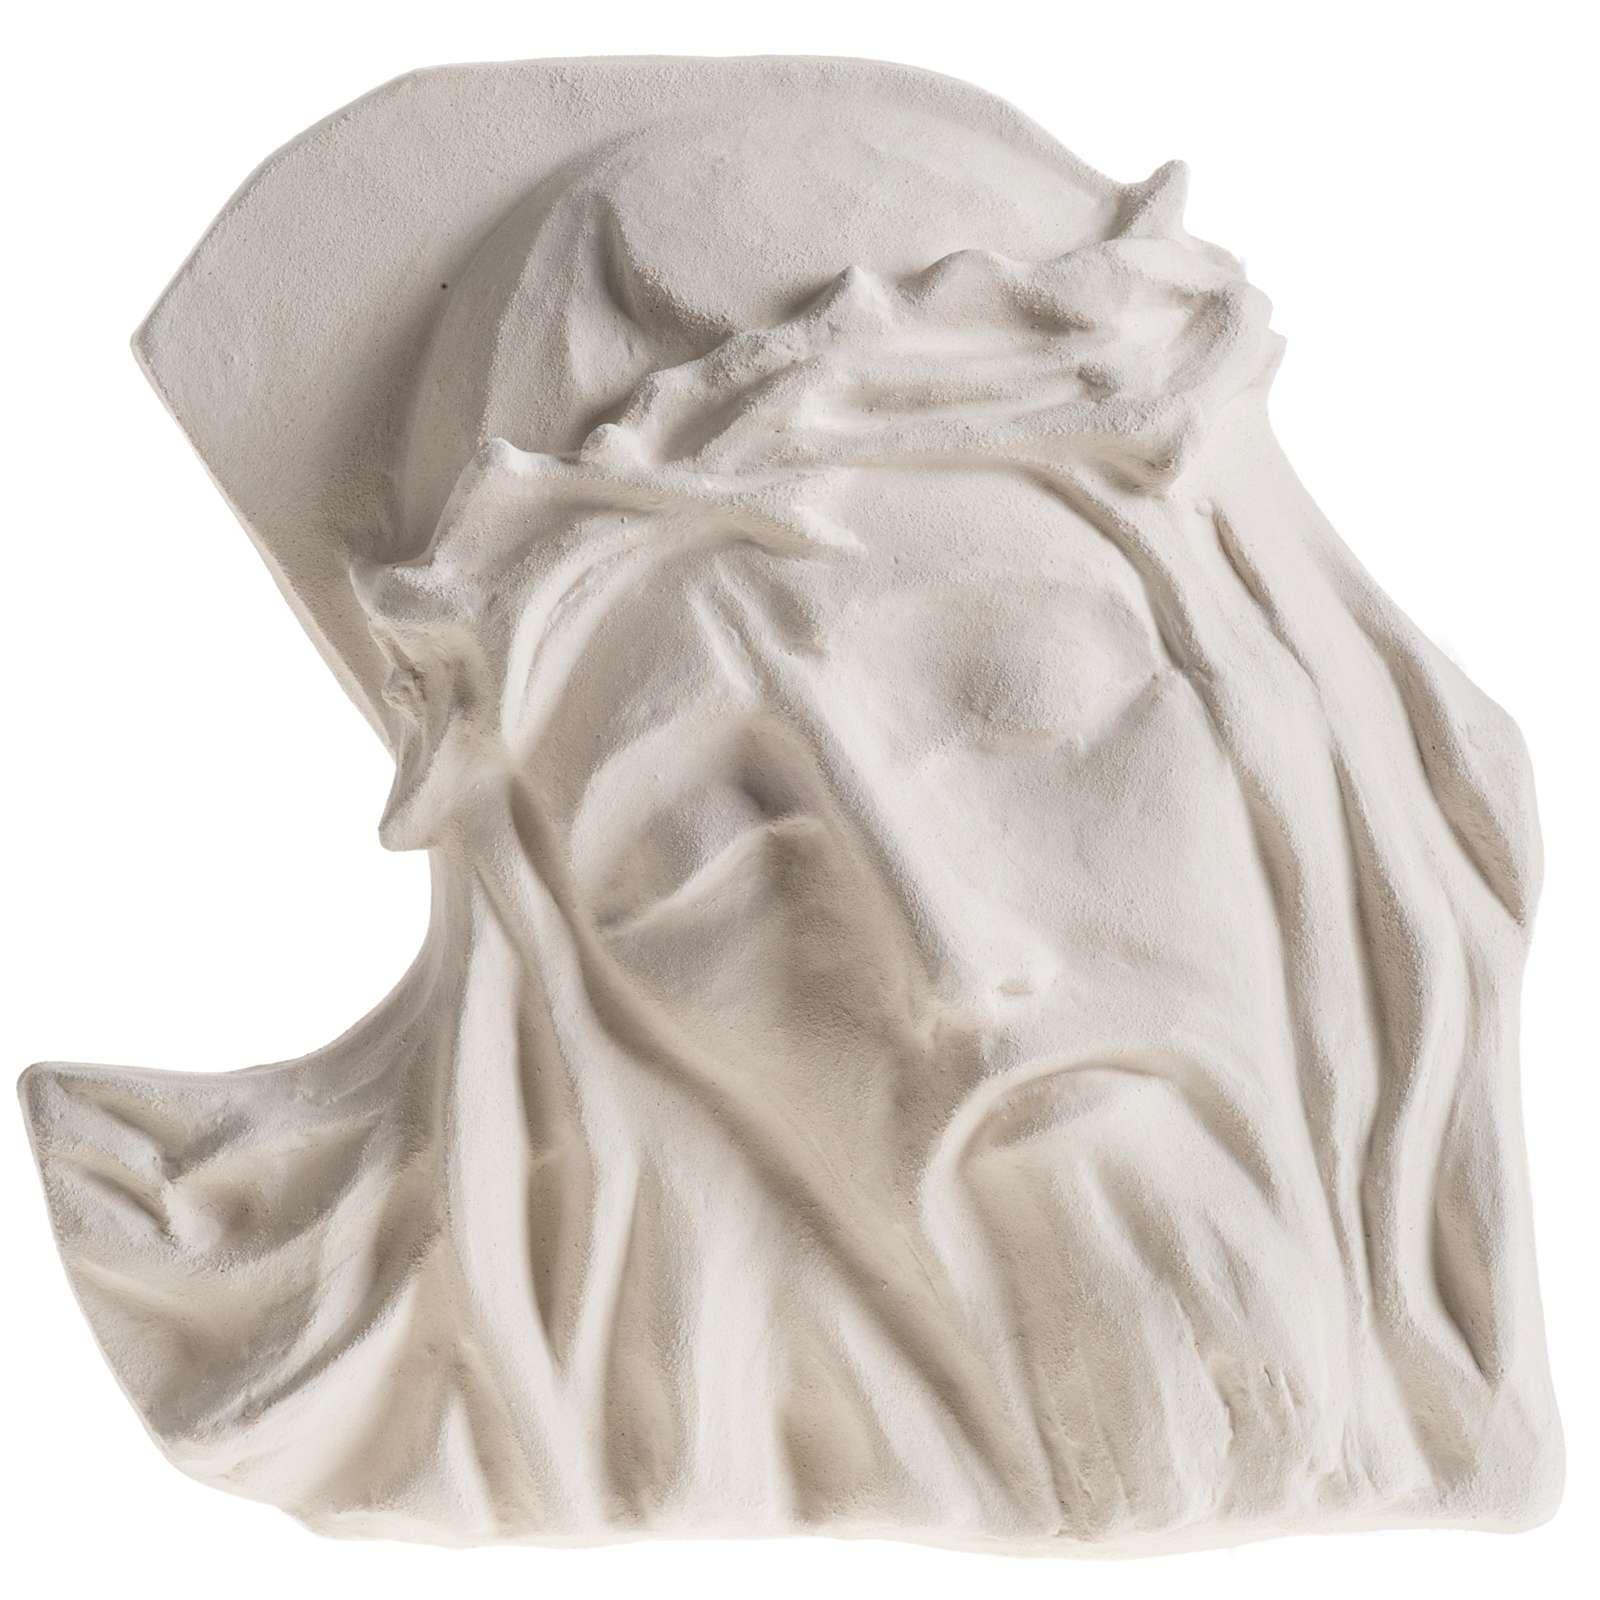 Bas relief Visage de Christ argile blanche 24 cm